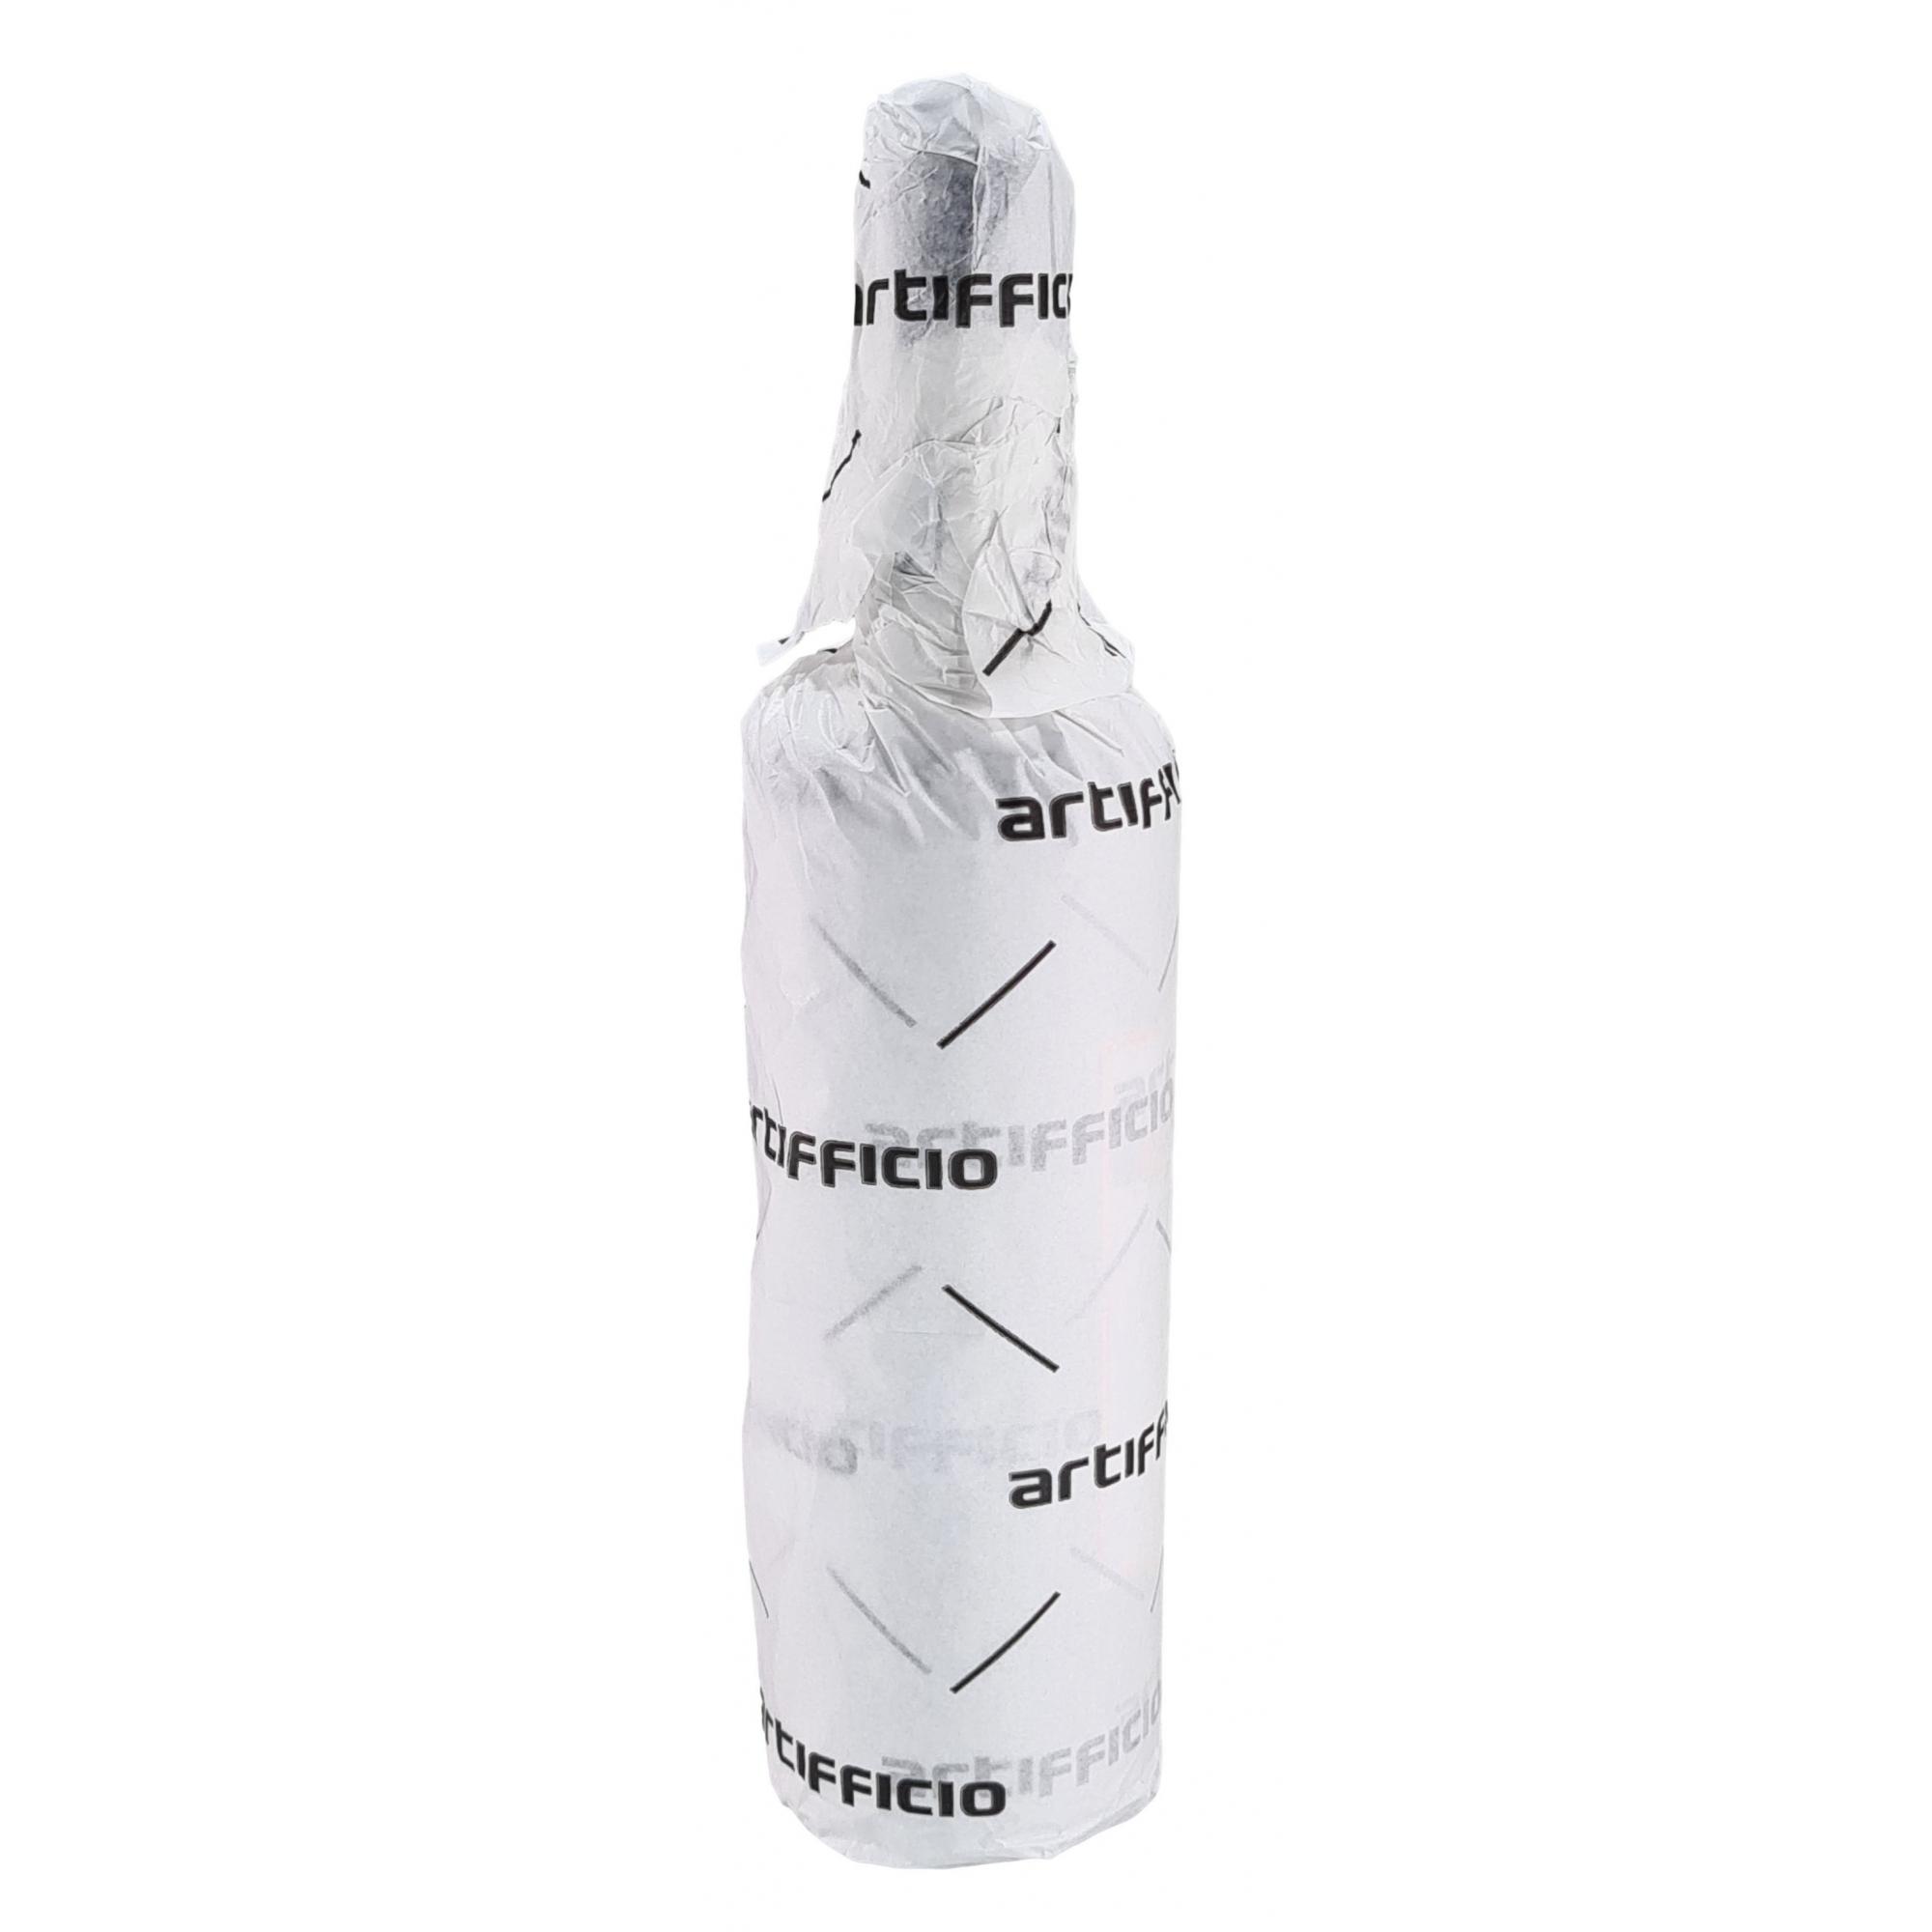 Papel de Seda Personalizado 20g/m - Tamanho 50 x 70 - Linha paper 448  - Litex Embalagens